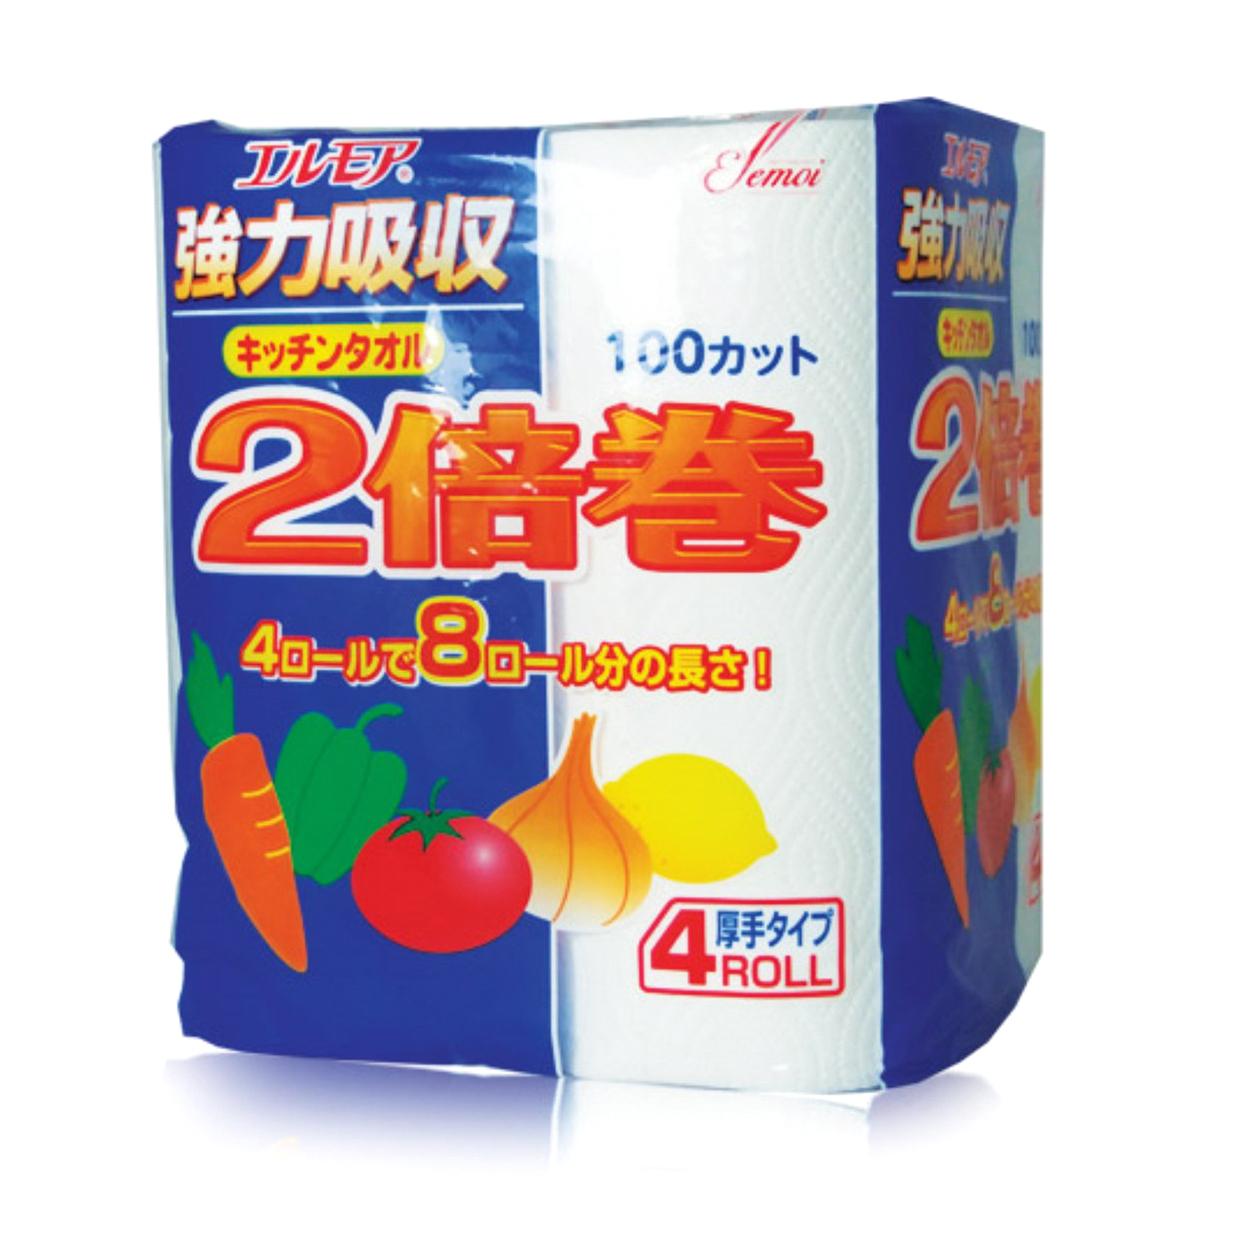 Бумажные полотенца для кухни Kami Shodji Ellemoi 4 рулона салфетки бумажные kami shodji ellemoi pink розовые с коэнзимом q10 я слоя 180 шт в пачке спайка из 3 пачек